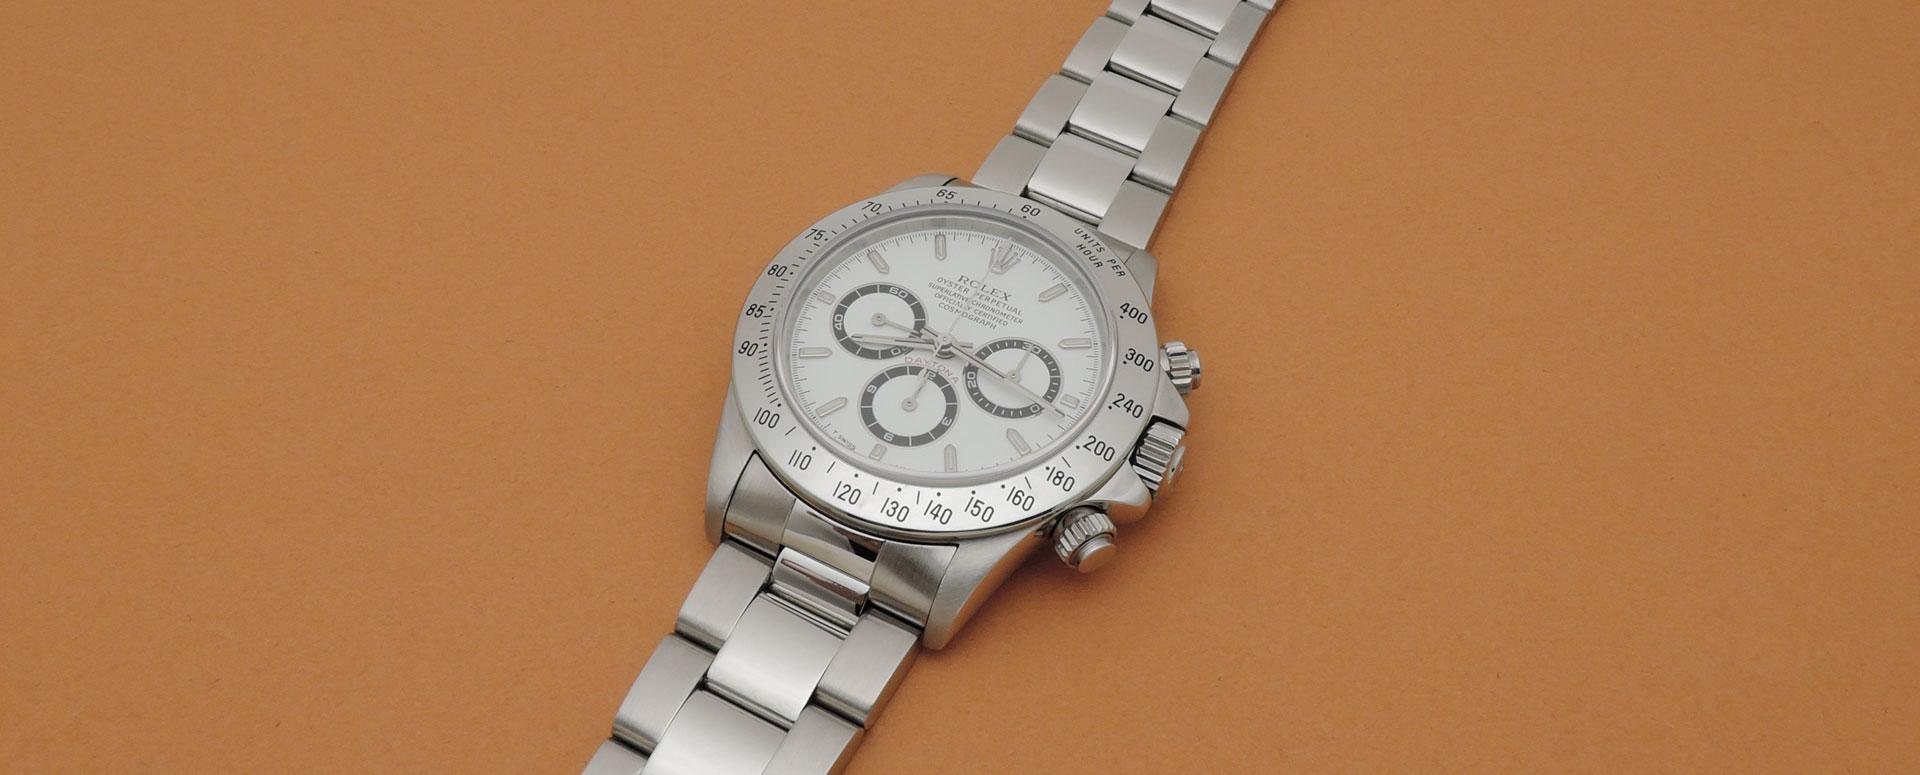 a1370865a1e3 Ancienne  Compra Venta de Relojes · Calatrava 3445  Daytona 16520 ...